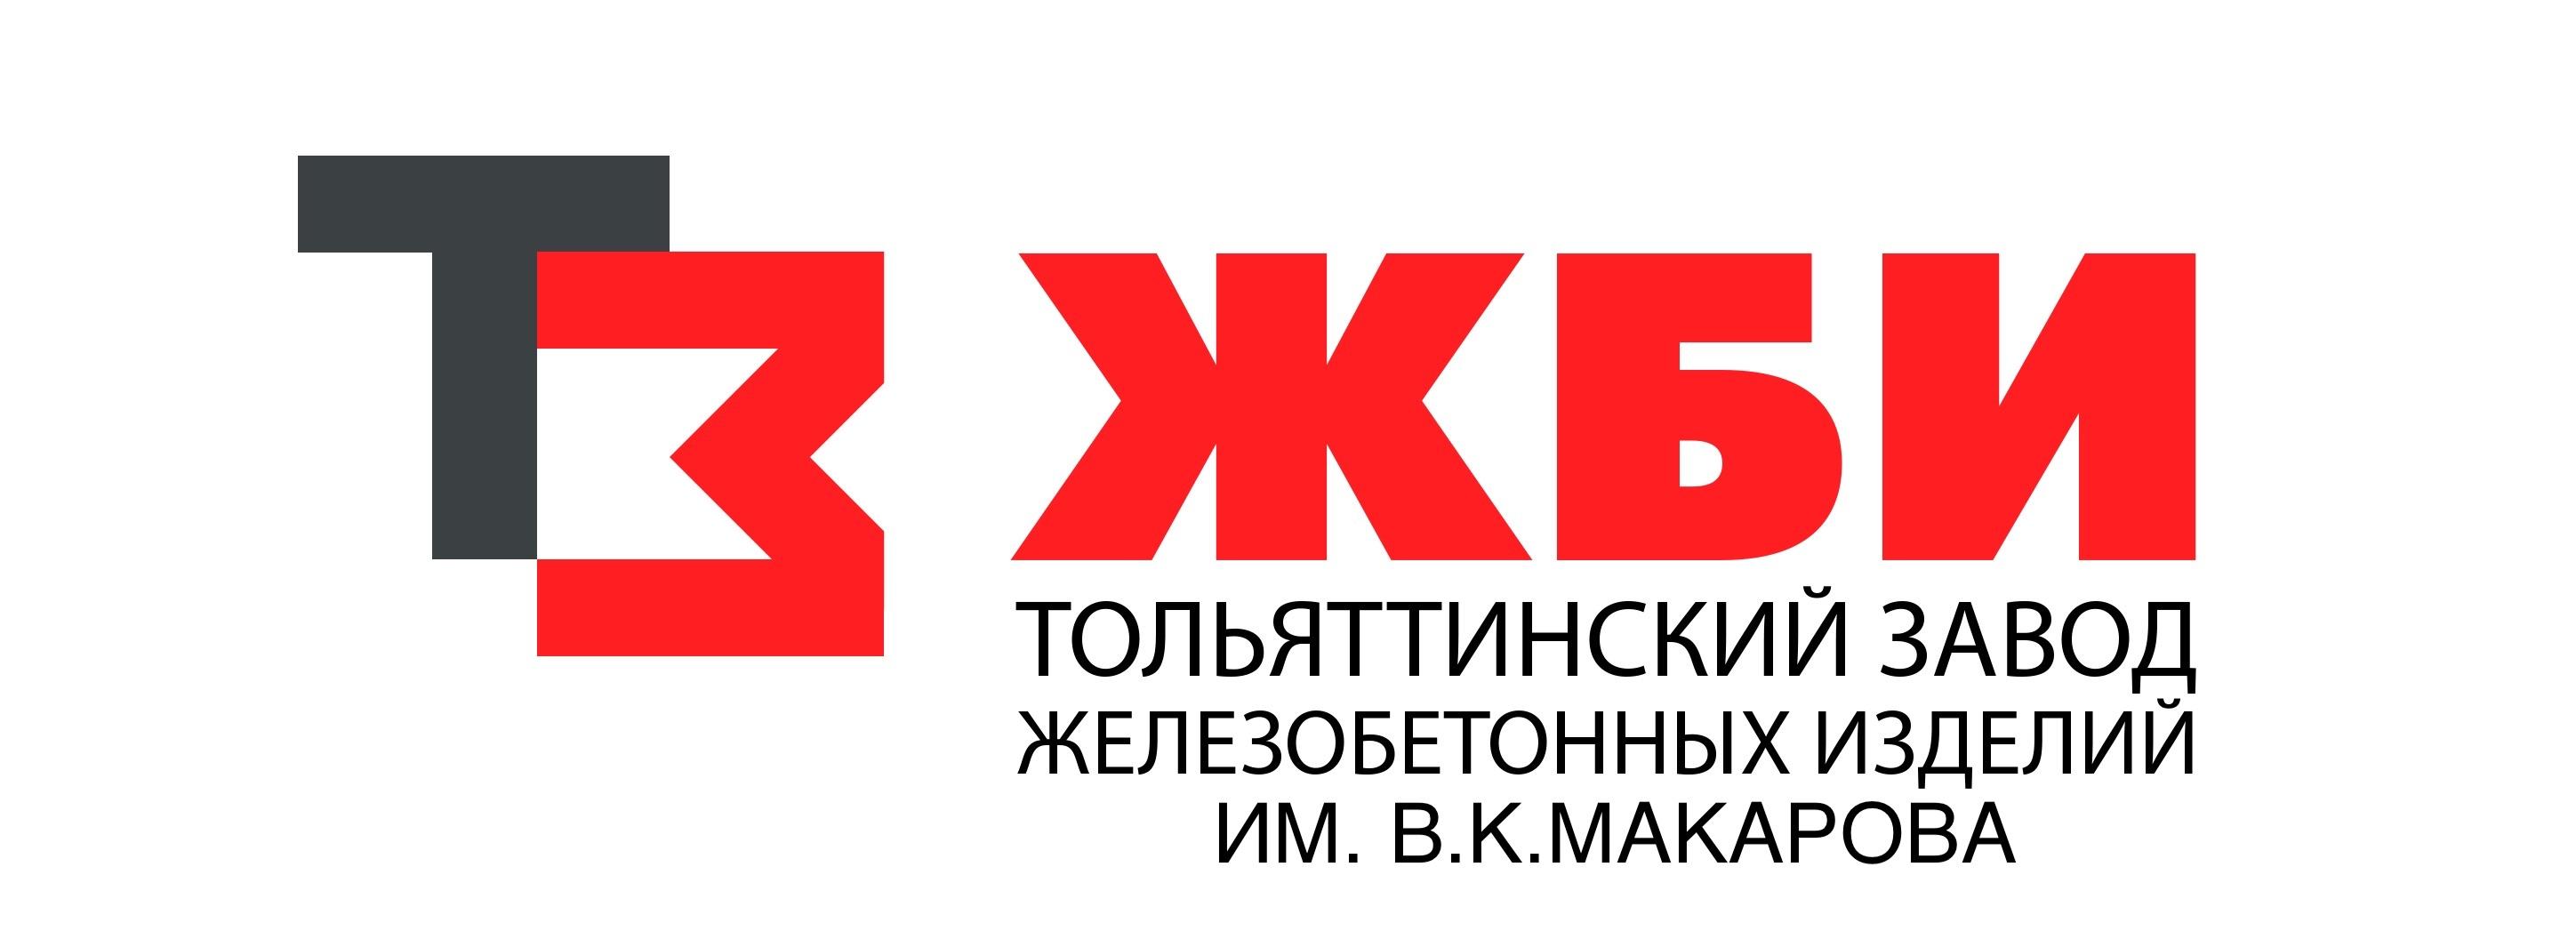 ТзЖБИ им. Макарова В.К. - Продажа железобетонных изделий в Самарской области